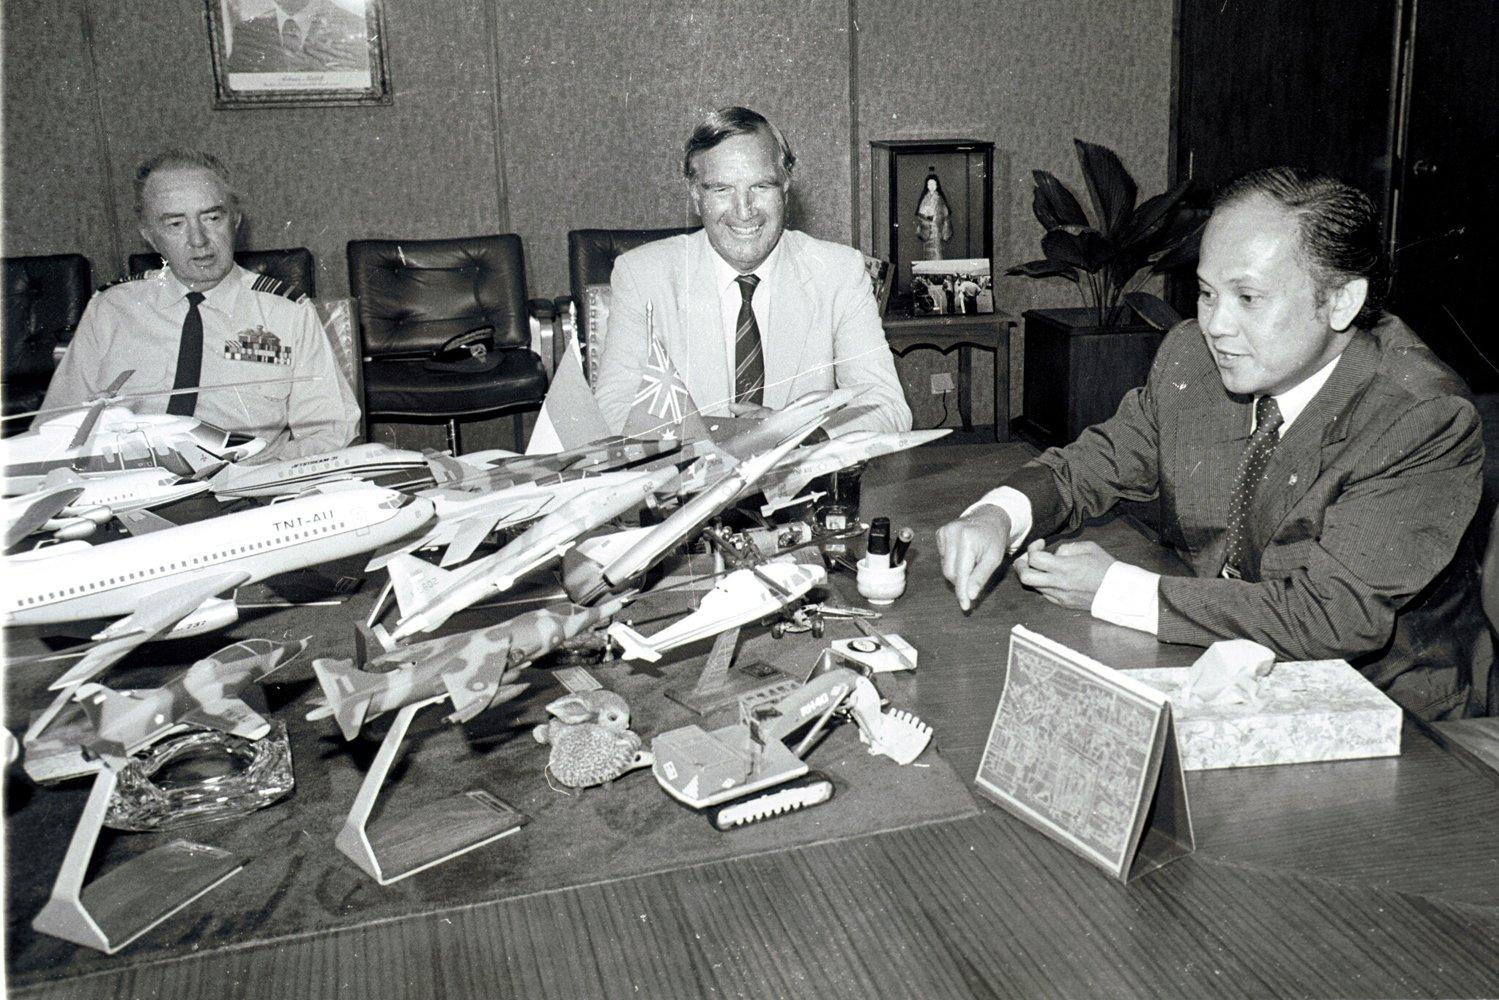 FOTO DOKUMENTASI. Menteri negara Riset dan Tekonologi Prof.Dr.B.J. habibie (kanan) menjelaskan model pesawat terbang dari berbagai jenis dalam suatu pertemuan dengan Menteri Pertahanan Australia Ian Sinclair (tengah) di ruang kerja Menristek di Gedung BPP Teknologi Jakarta, Selasa (14/01/1983).